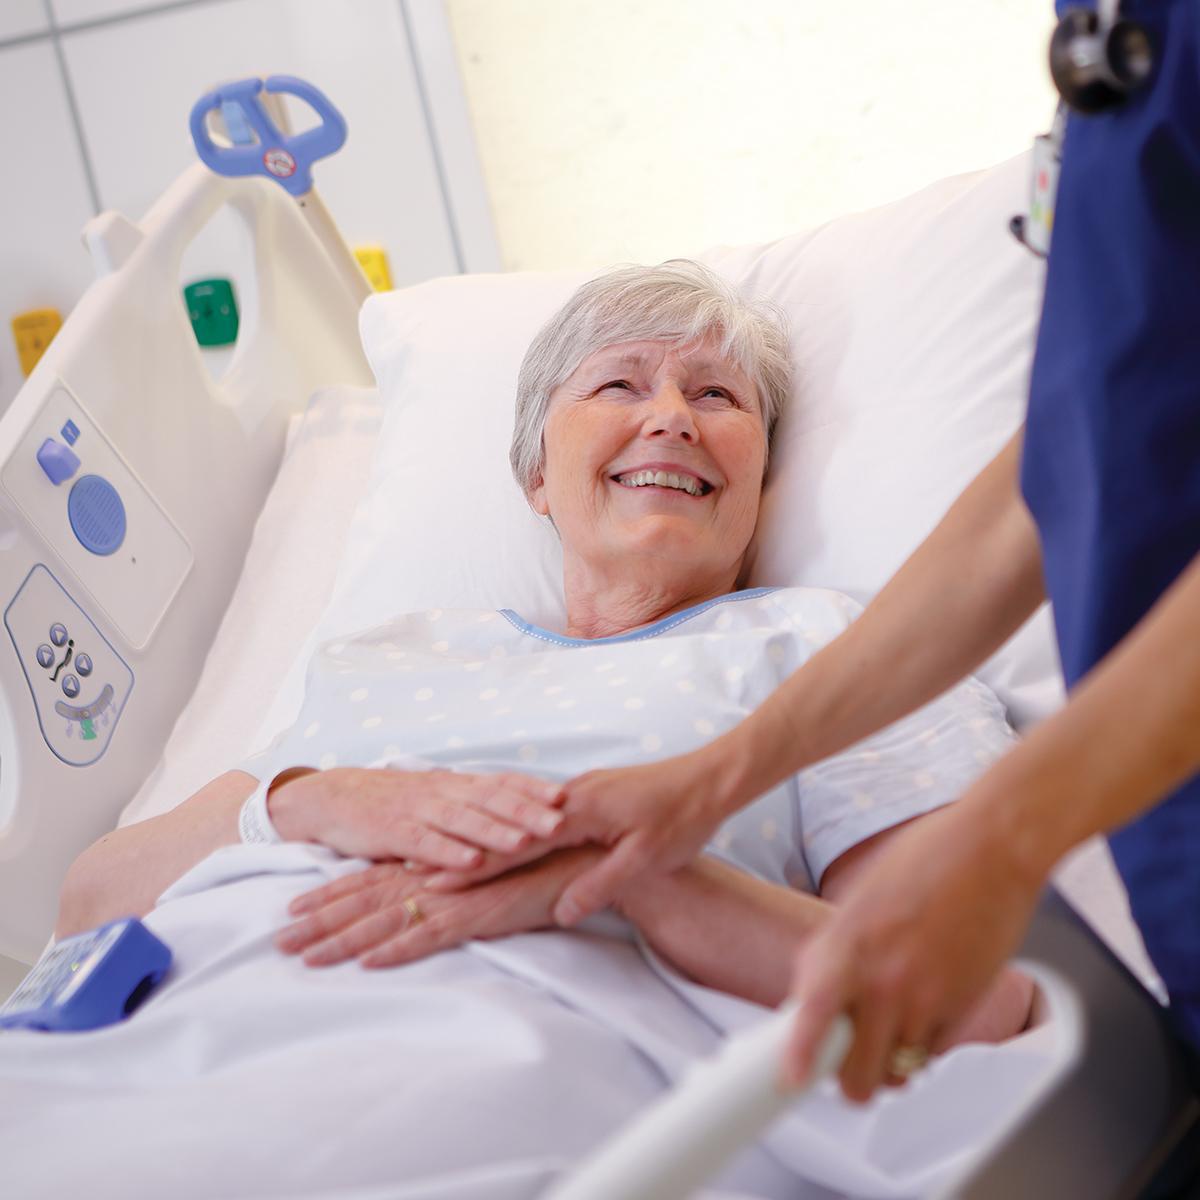 Une patiente âgée dans le lit CentrellaSmart+ rit avec un clinicien